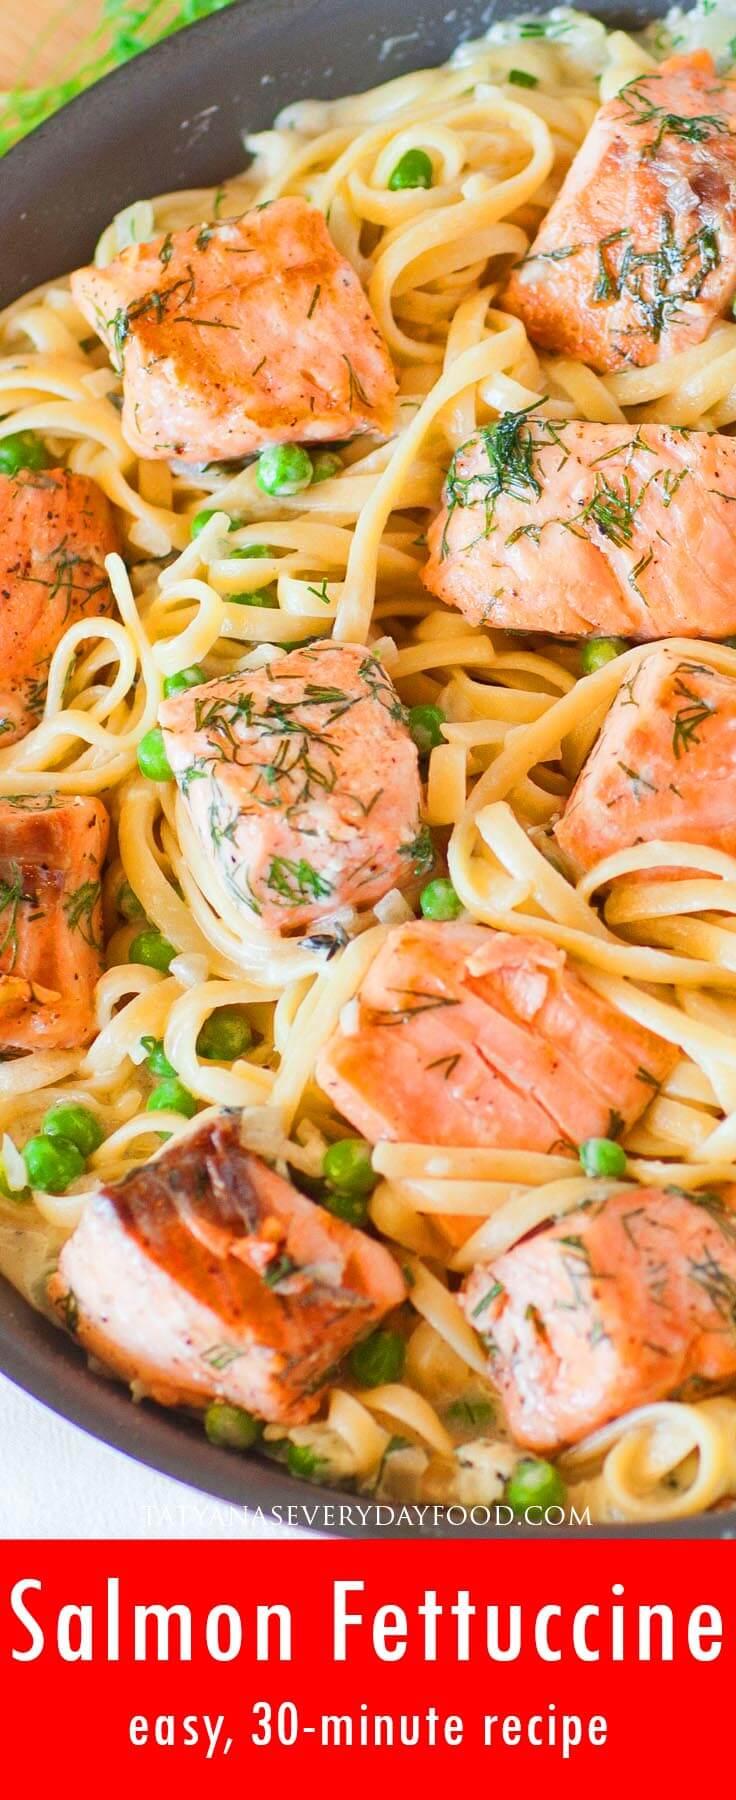 Easy Salmon Fettuccine video recipe